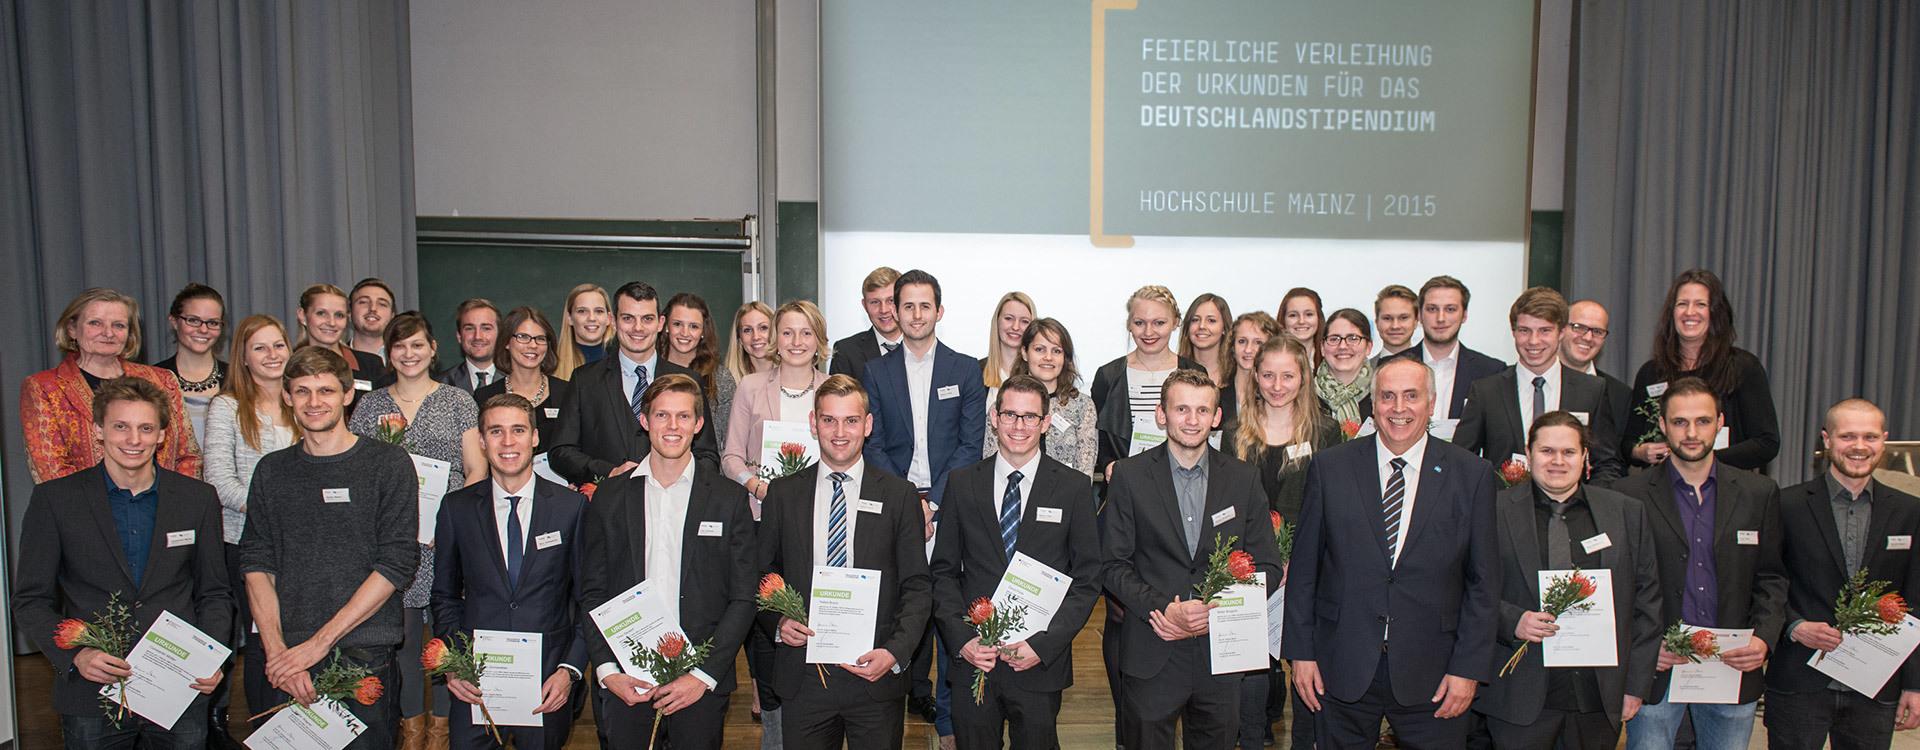 die deutschlandstipendiaten 2016 der hochschule mainz - Bewerbung Deutschlandstipendium